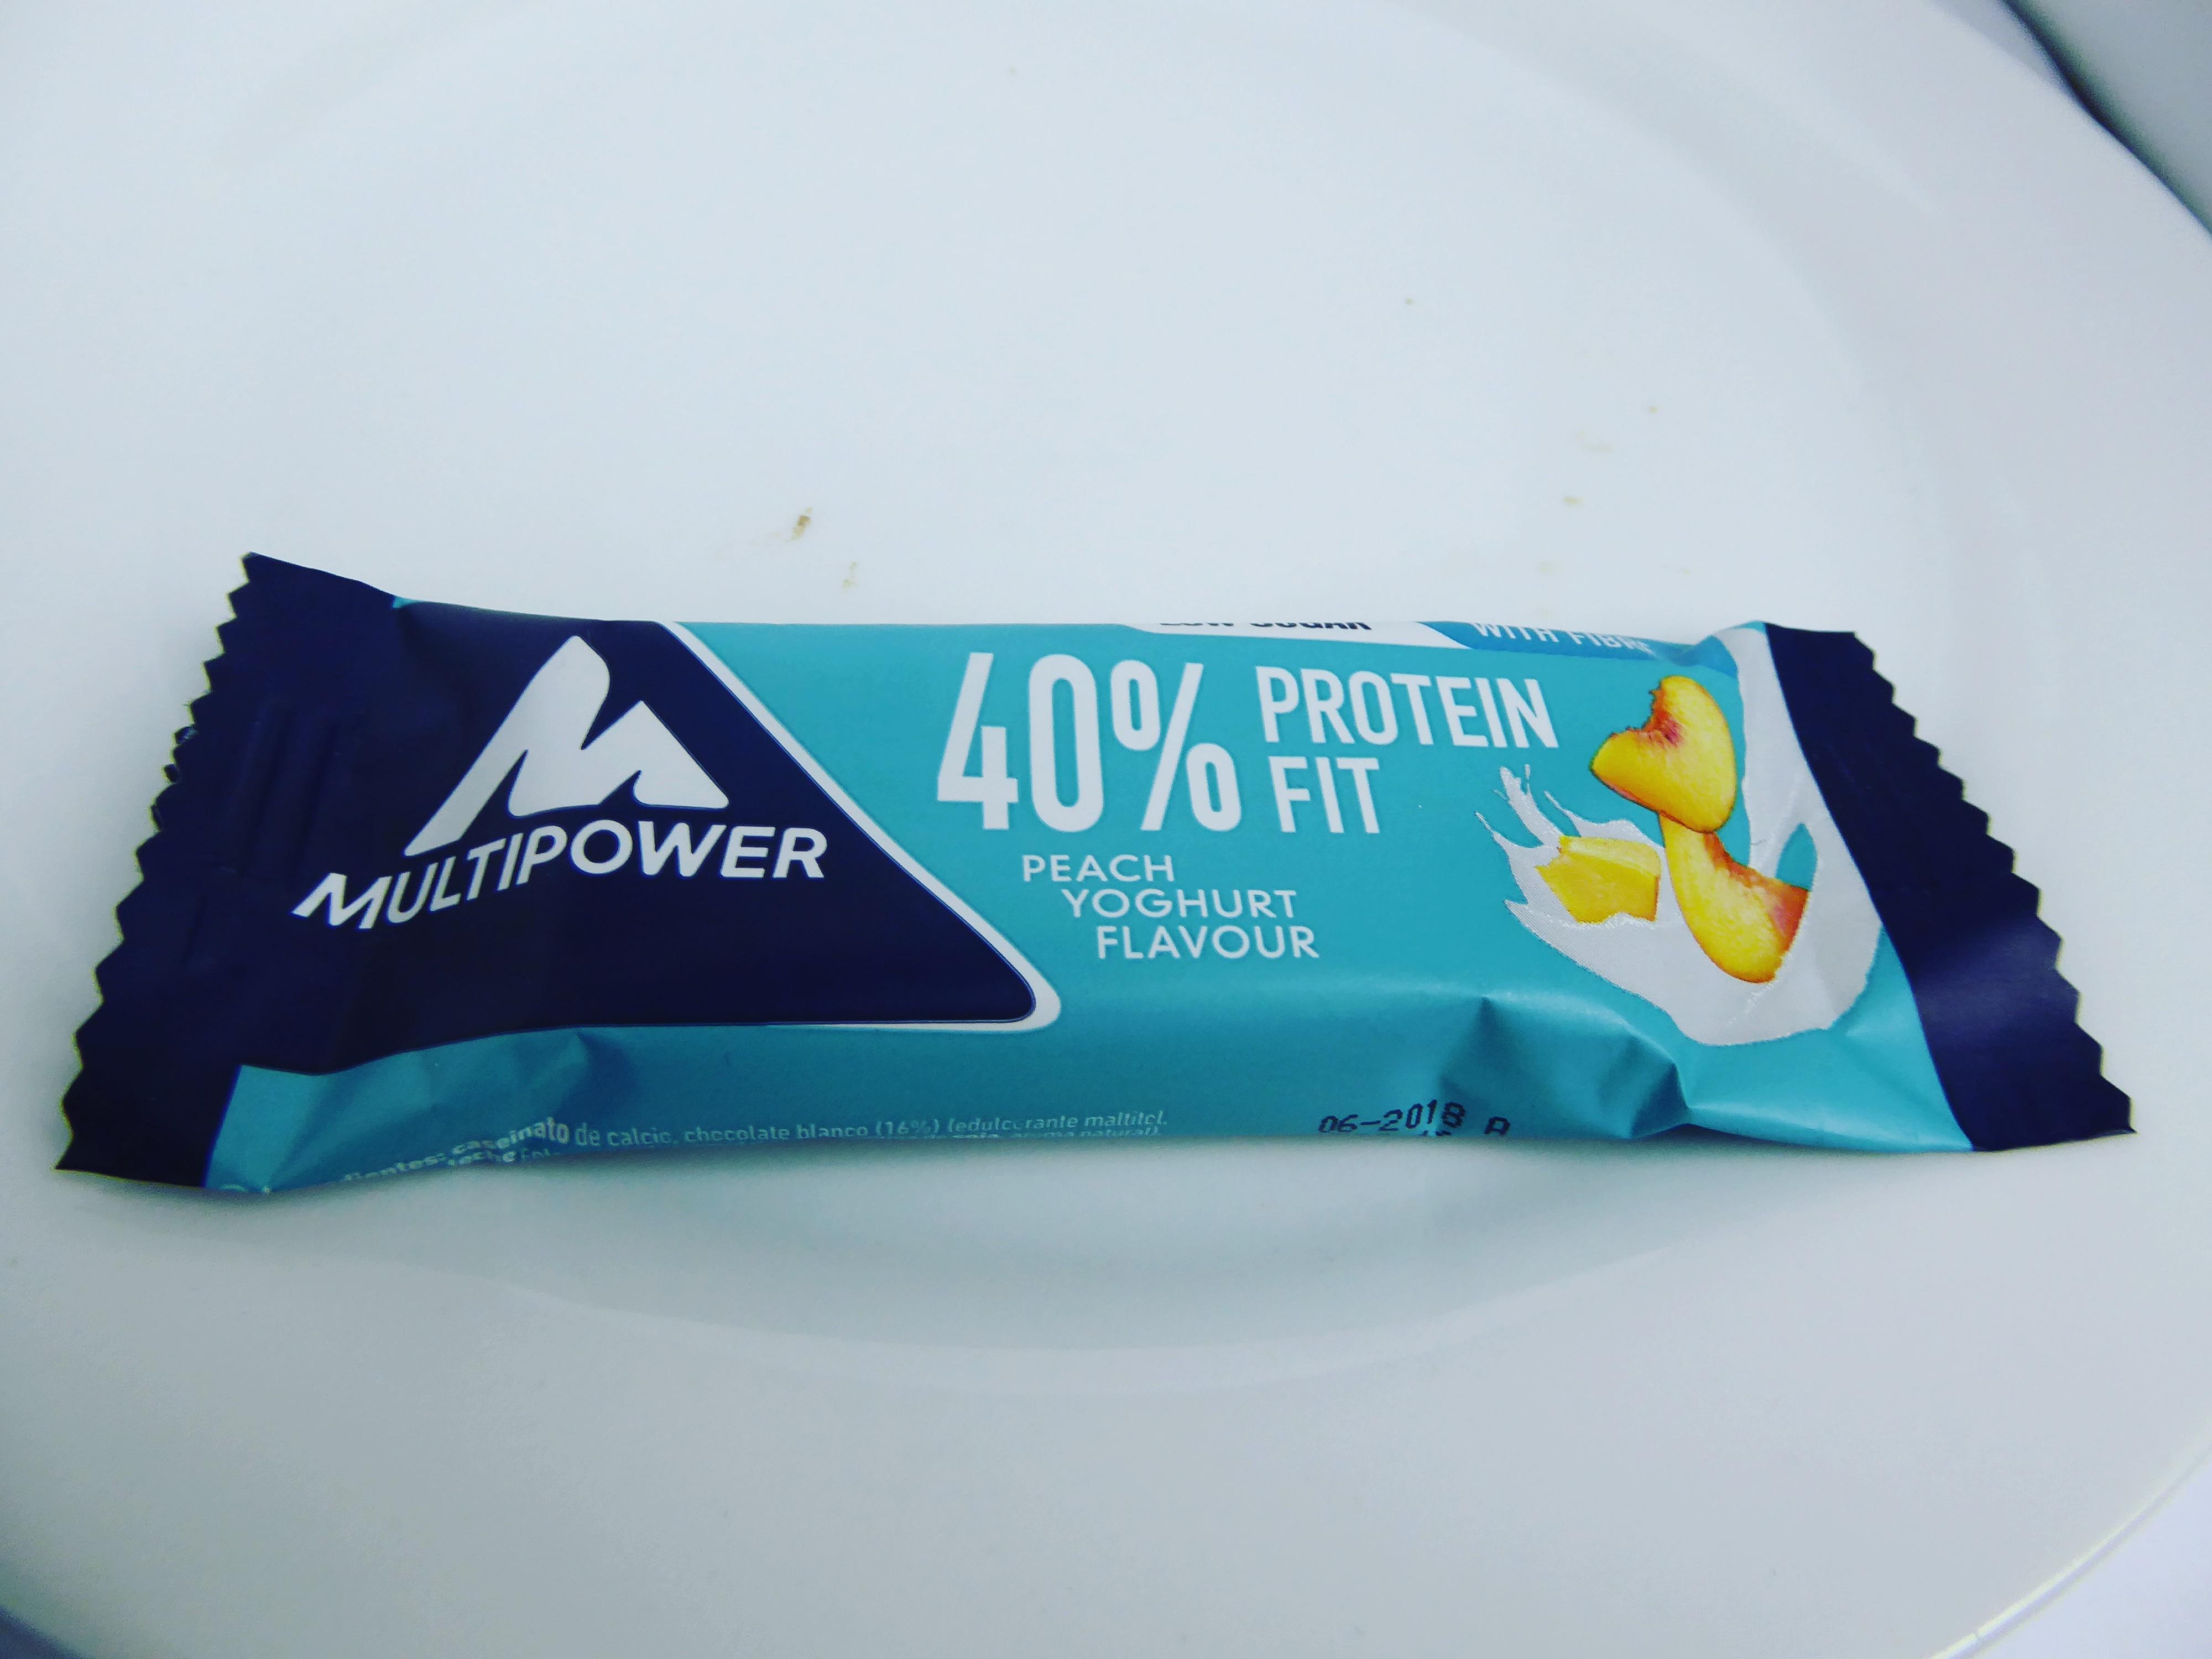 Multipower Protein Bar Peach Yoghurt Marille Pfirsich Joghurt Proteinriegel Eiweißriegel